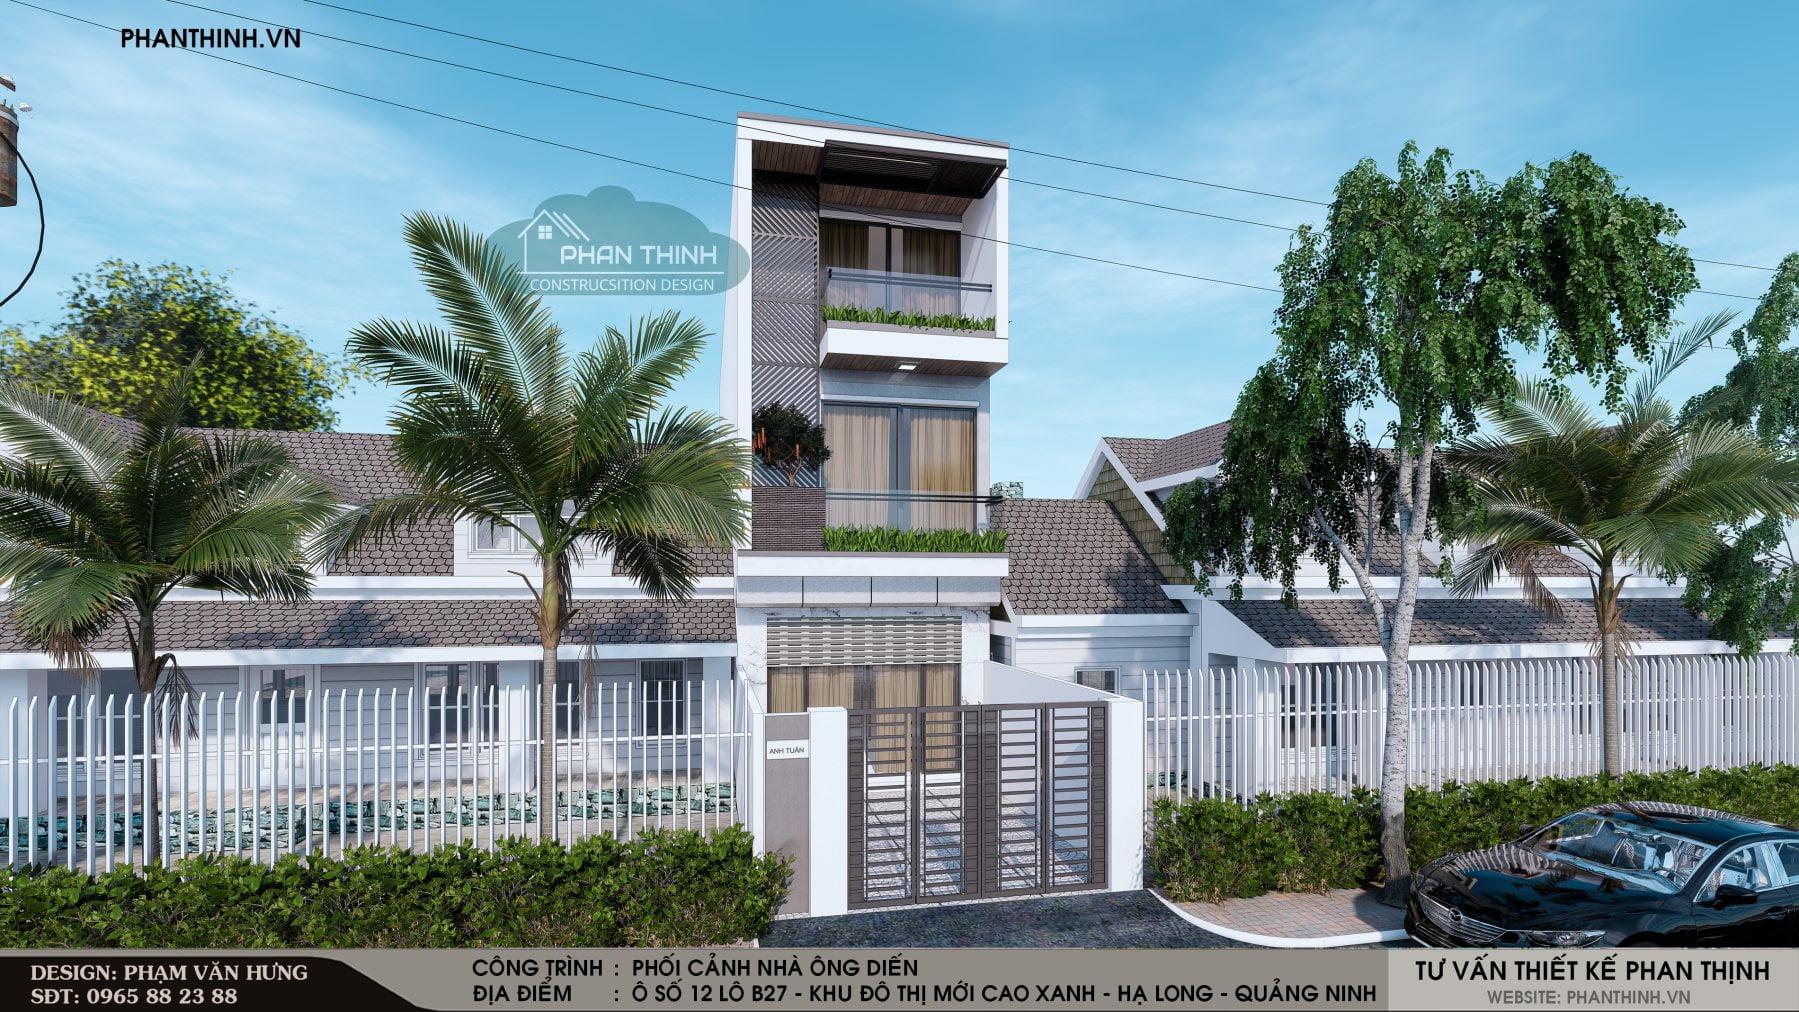 Mẫu phương án thiết kế phối cảnh số 01, căn nhà 3 tầng tại Quảng Ninh